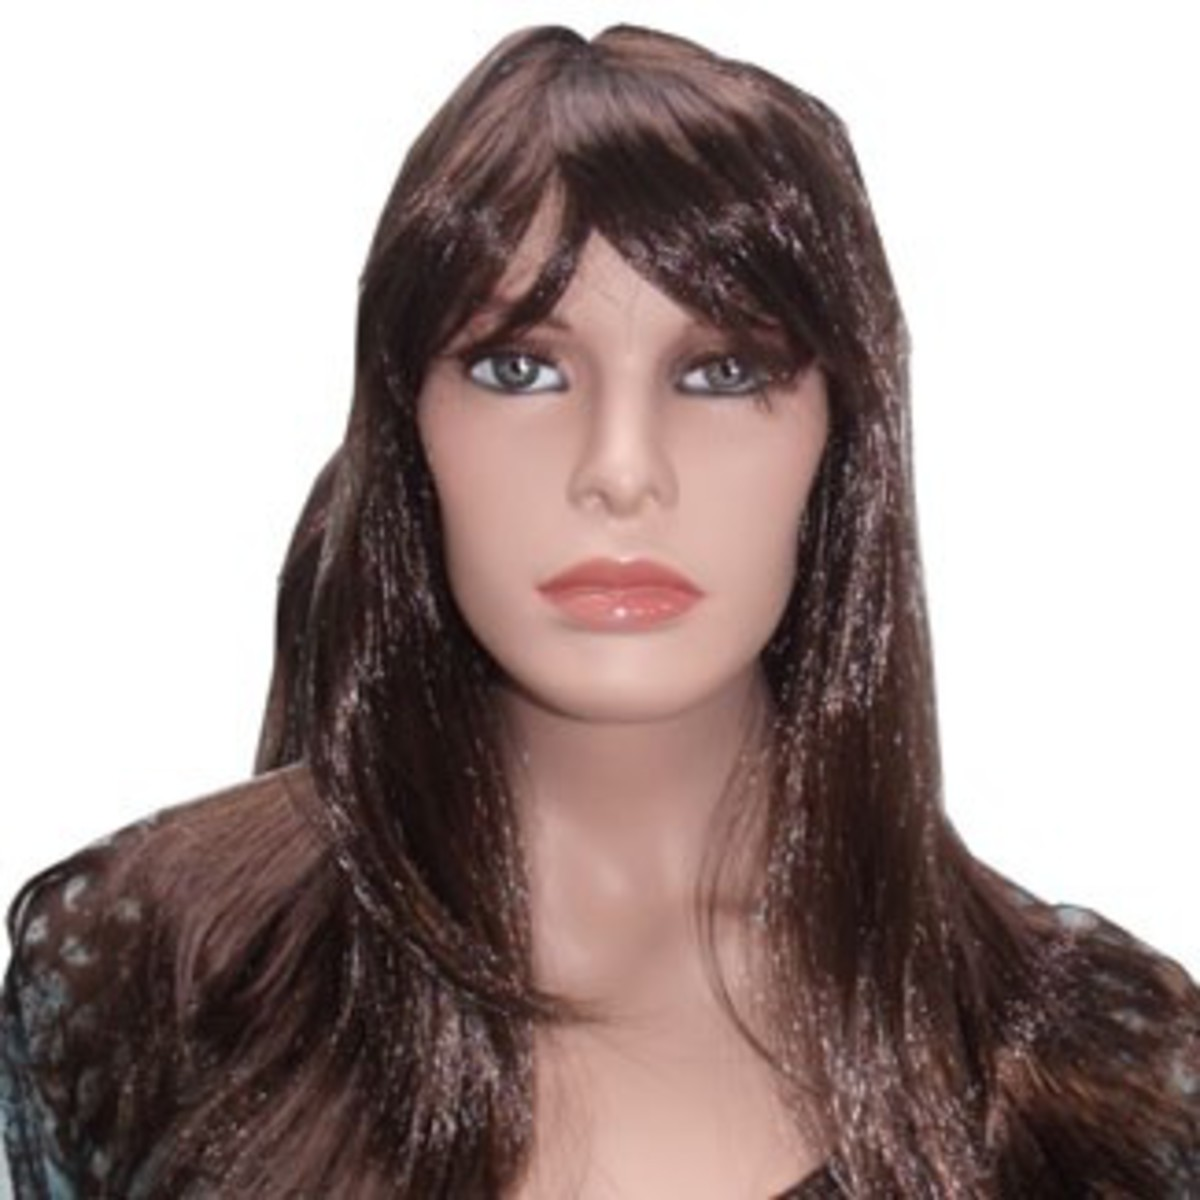 Bild 2 von Mauk Schaufensterpuppe weiblich, ohne Perücke